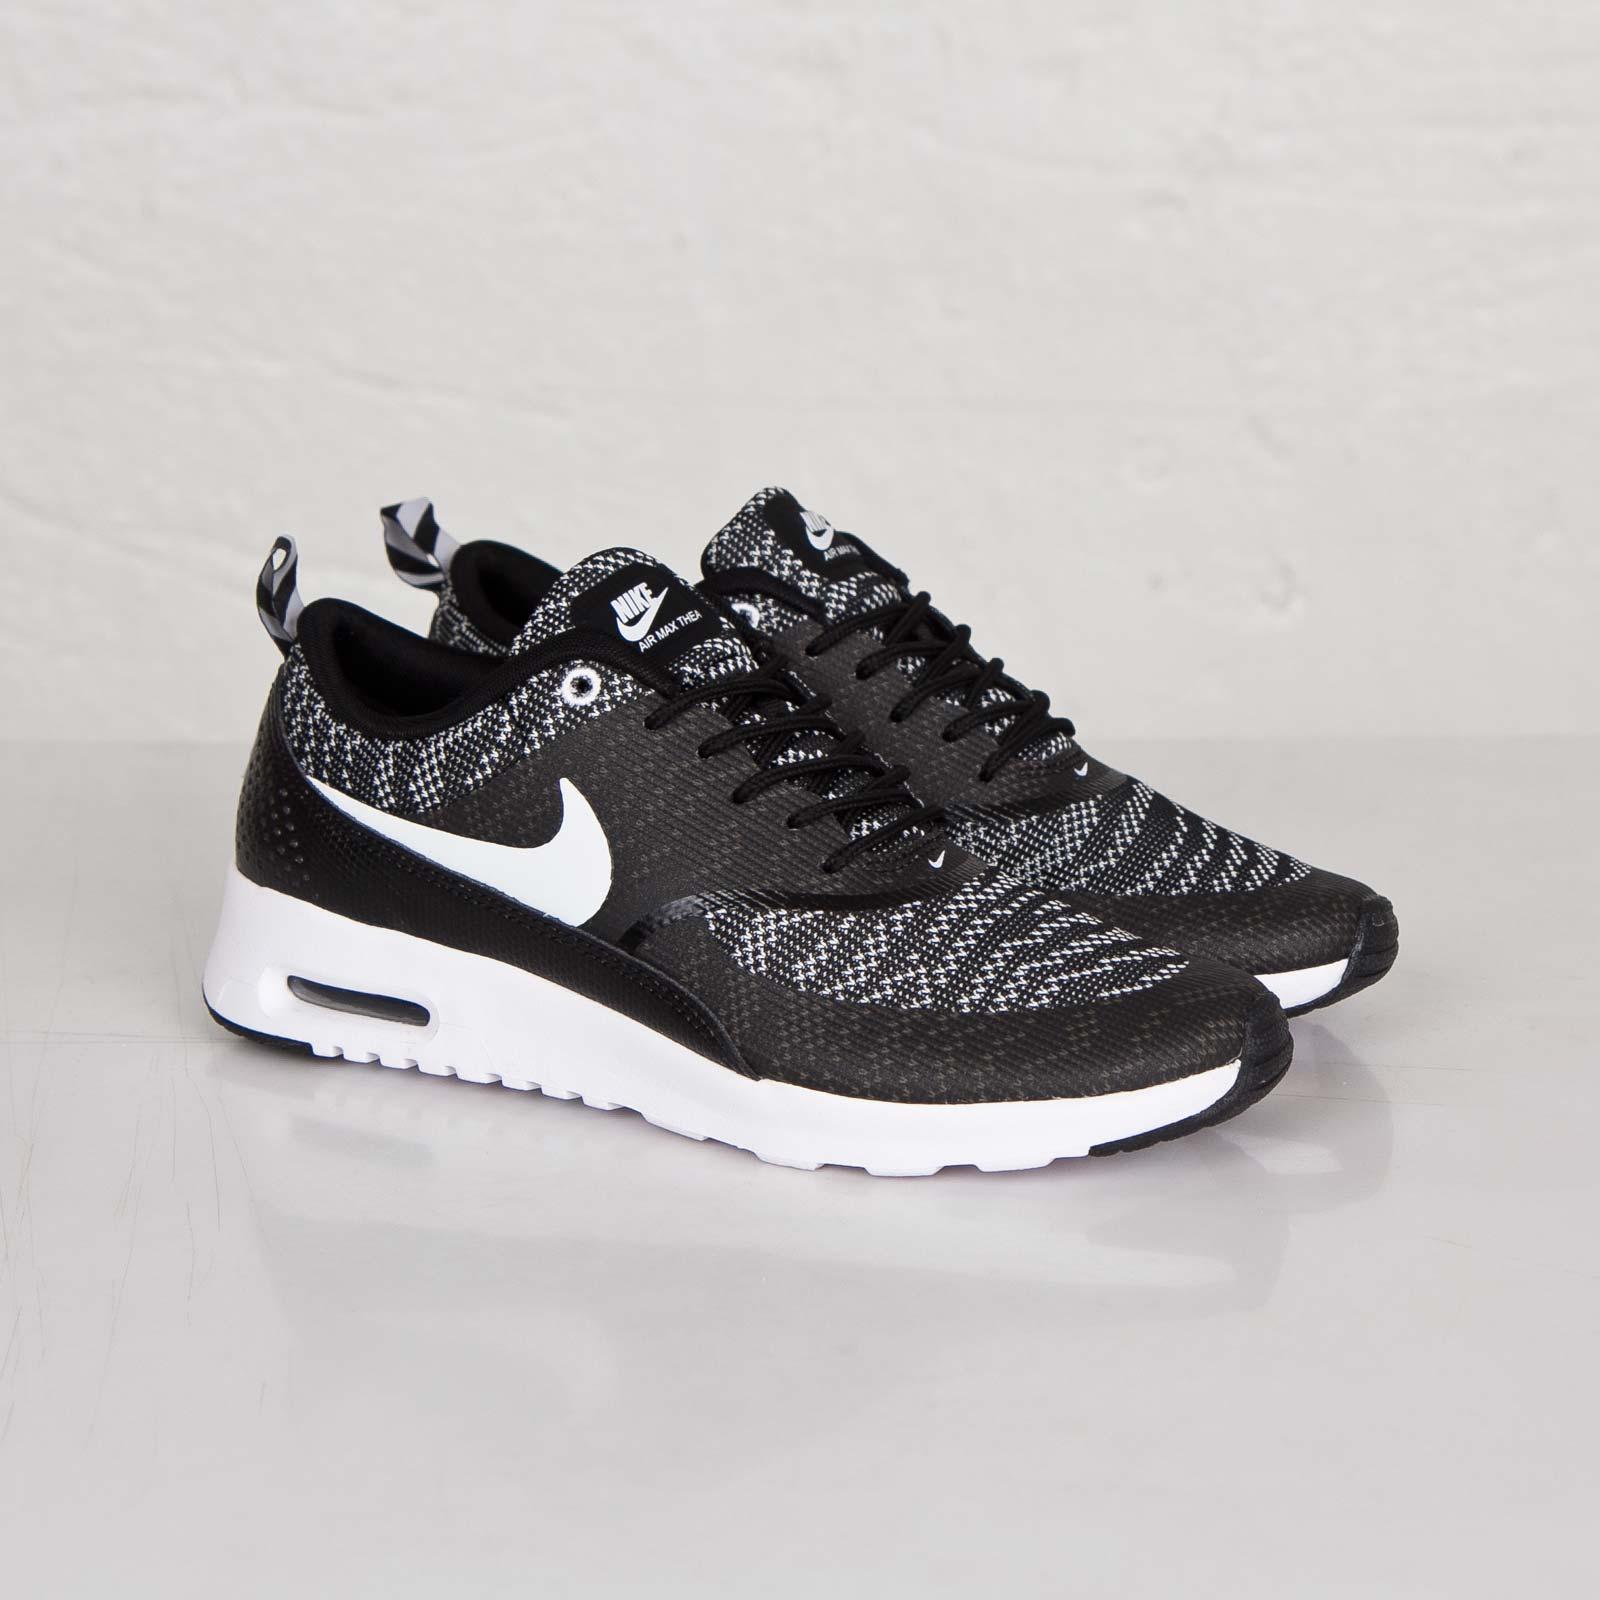 76a27fd8b1 Nike W Air Max Thea Knit Jacquard - 718646-001 - Sneakersnstuff ...